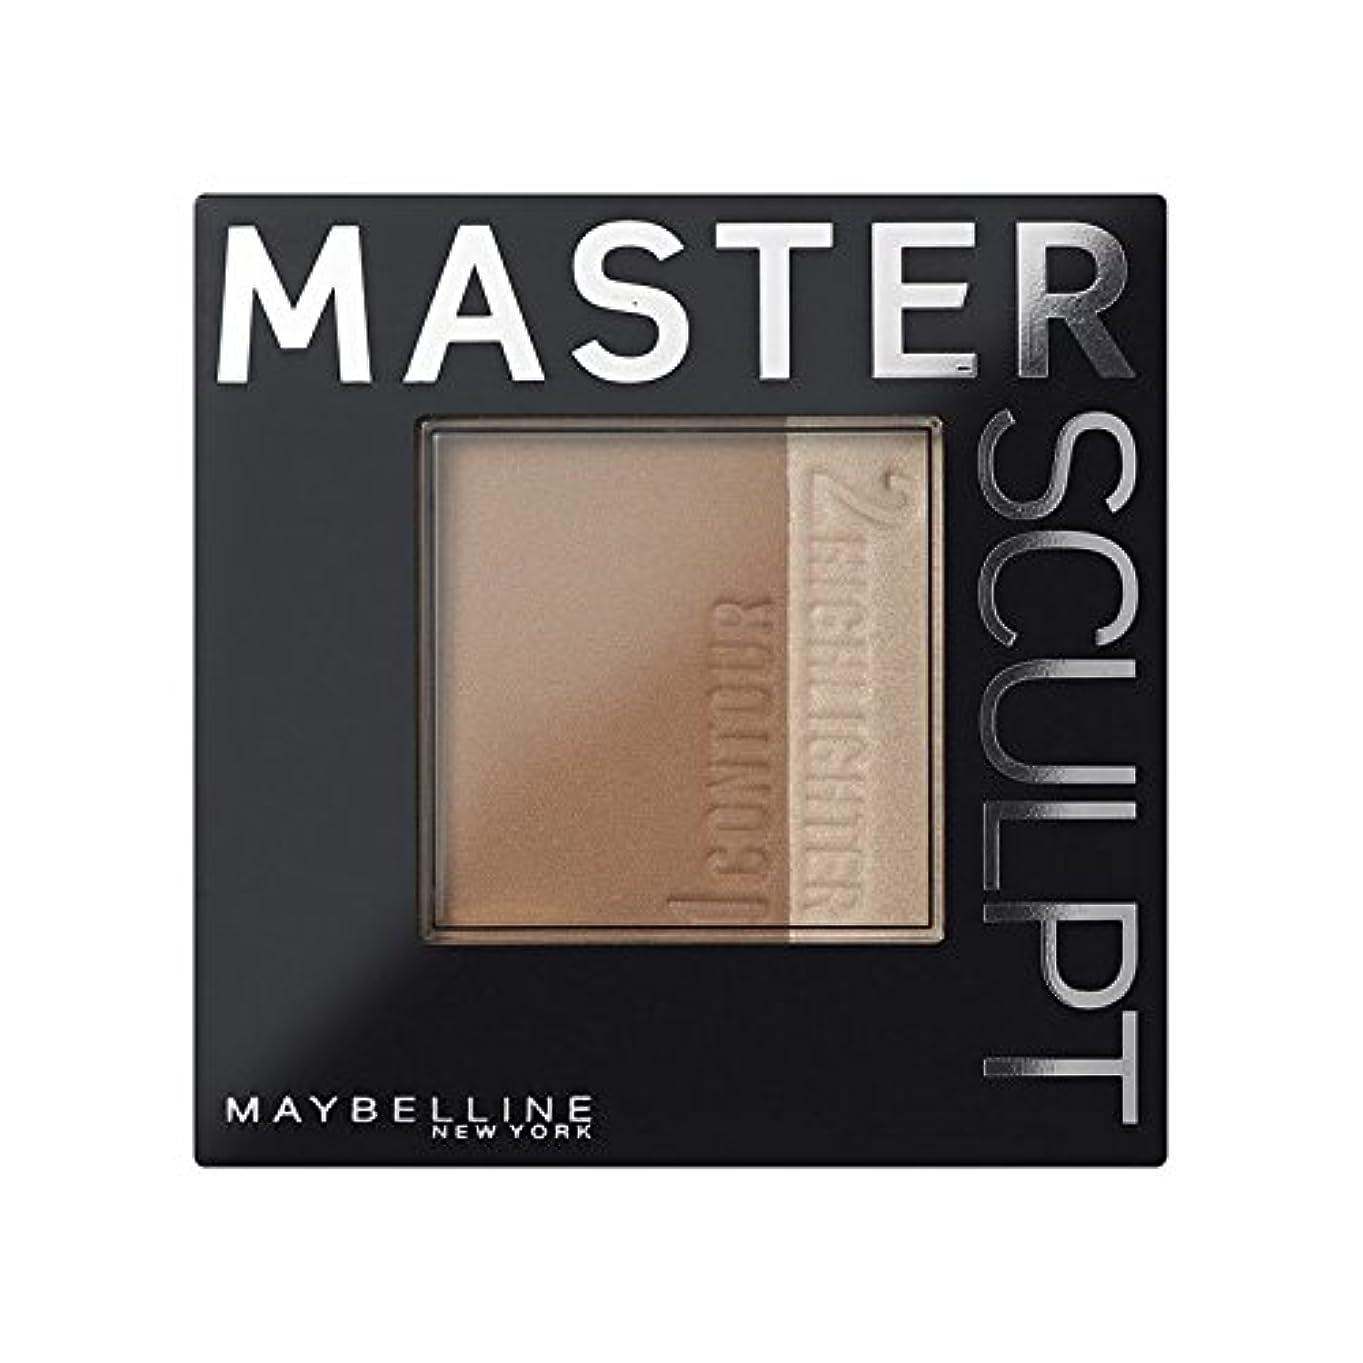 テスピアン裁量甘くする土台01光/ を輪郭メイベリンマスタースカルプト x4 - Maybelline Master Sculpt Contouring Foundation 01 Light/Med (Pack of 4) [並行輸入品]